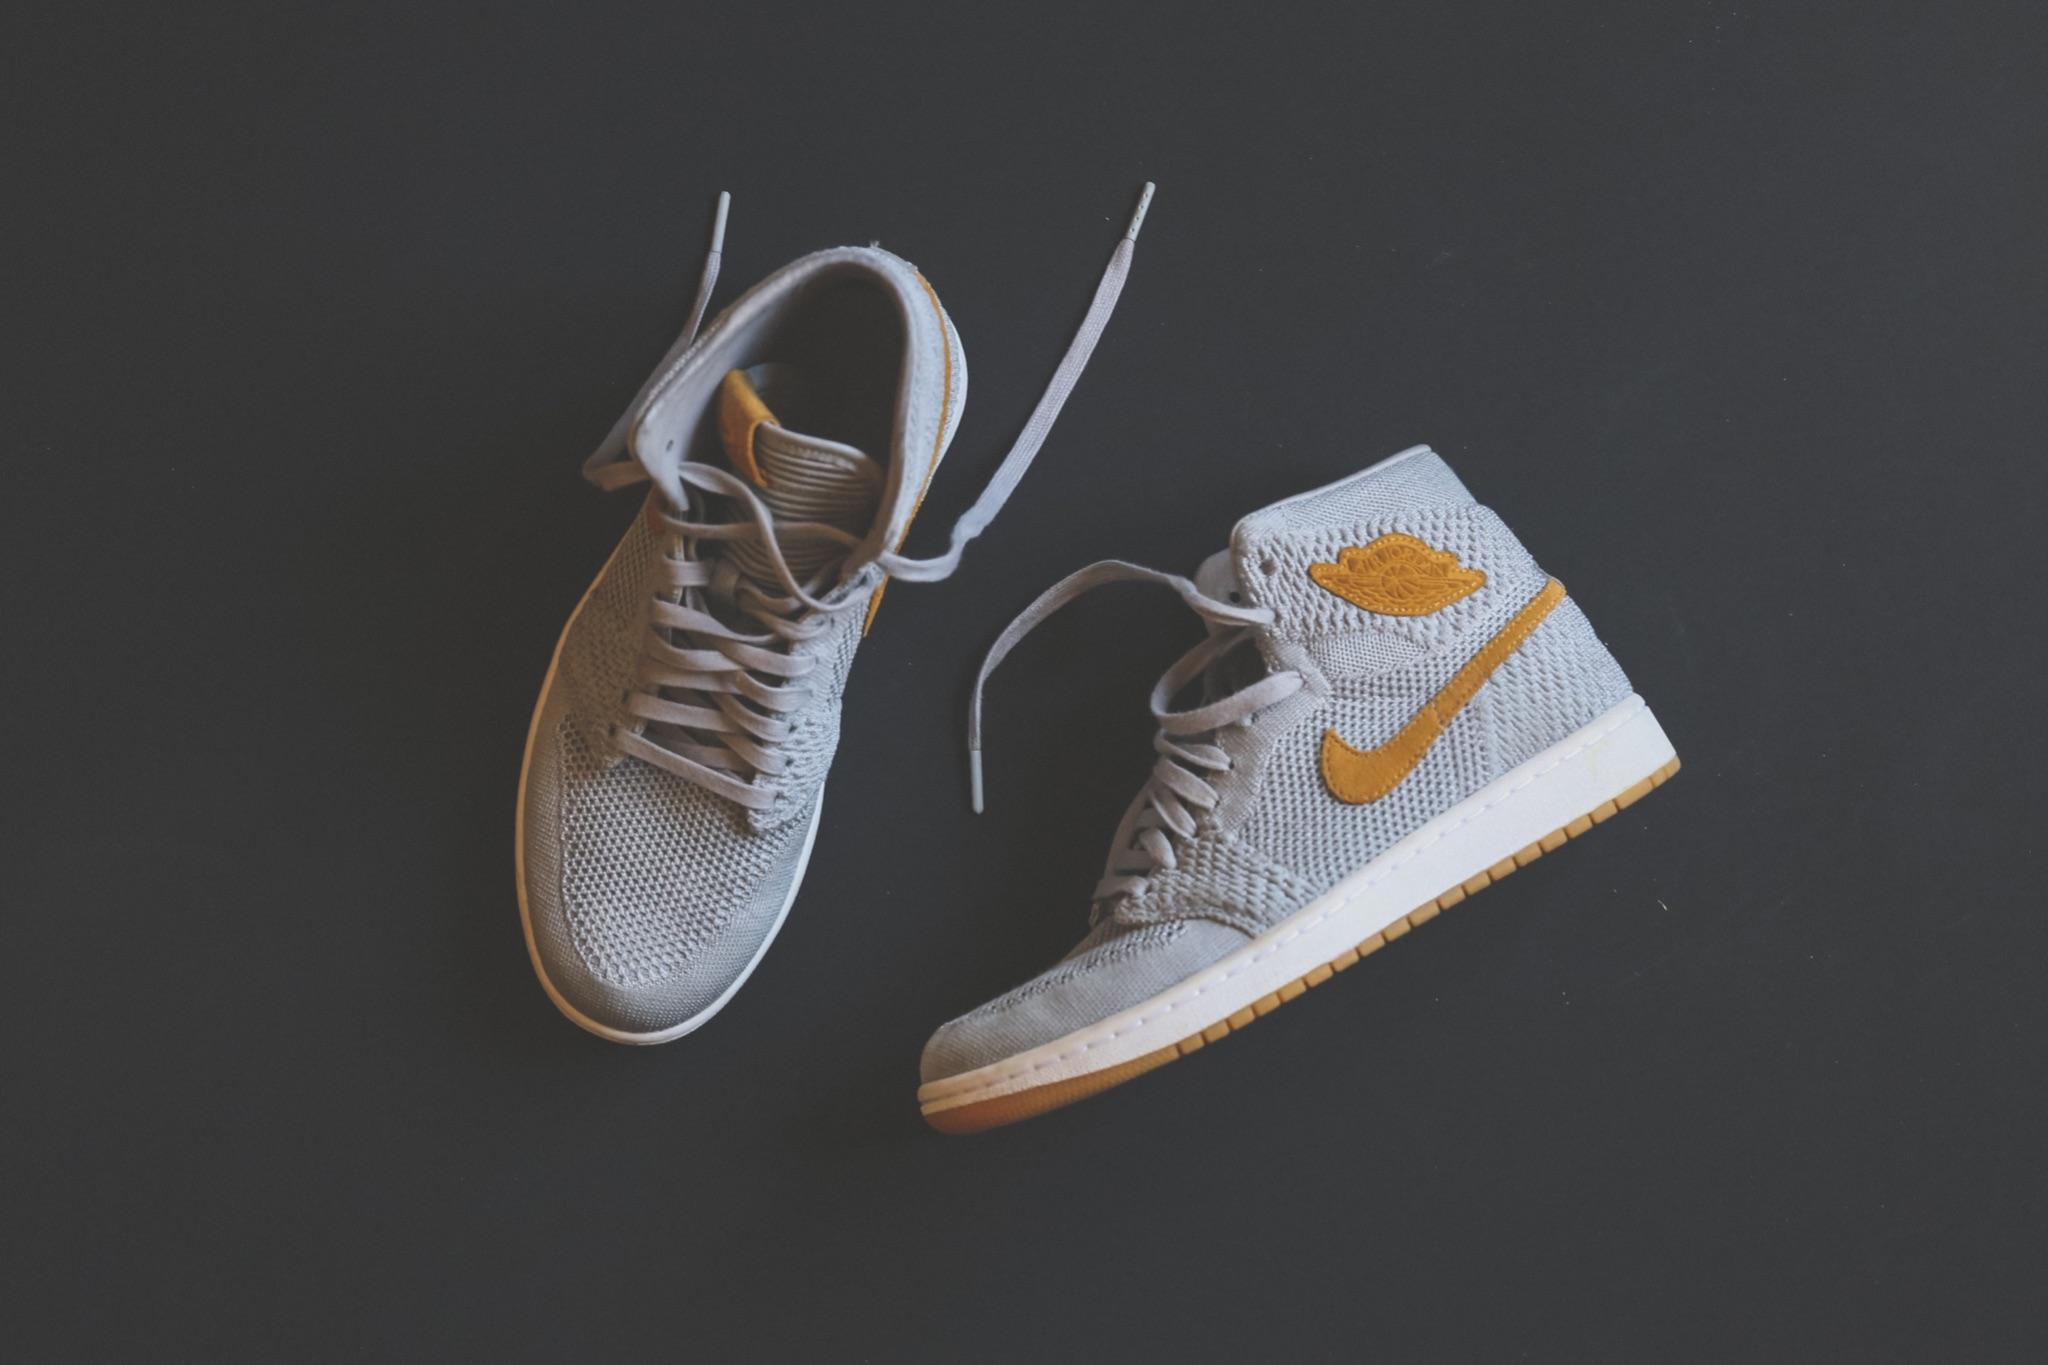 Air Jordan 1 Grey